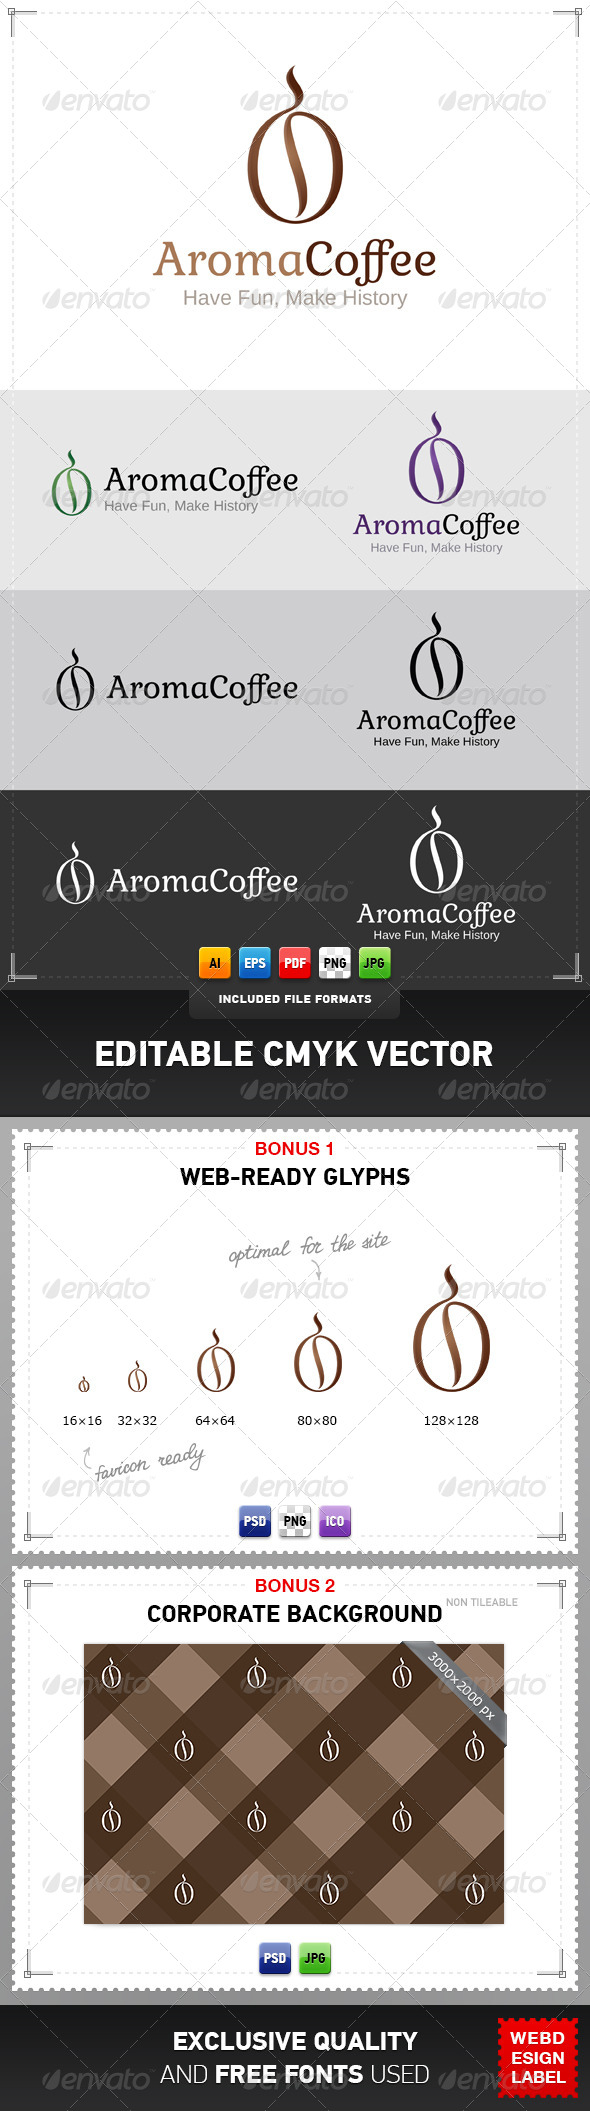 GraphicRiver Aroma Coffee Logo 4916139